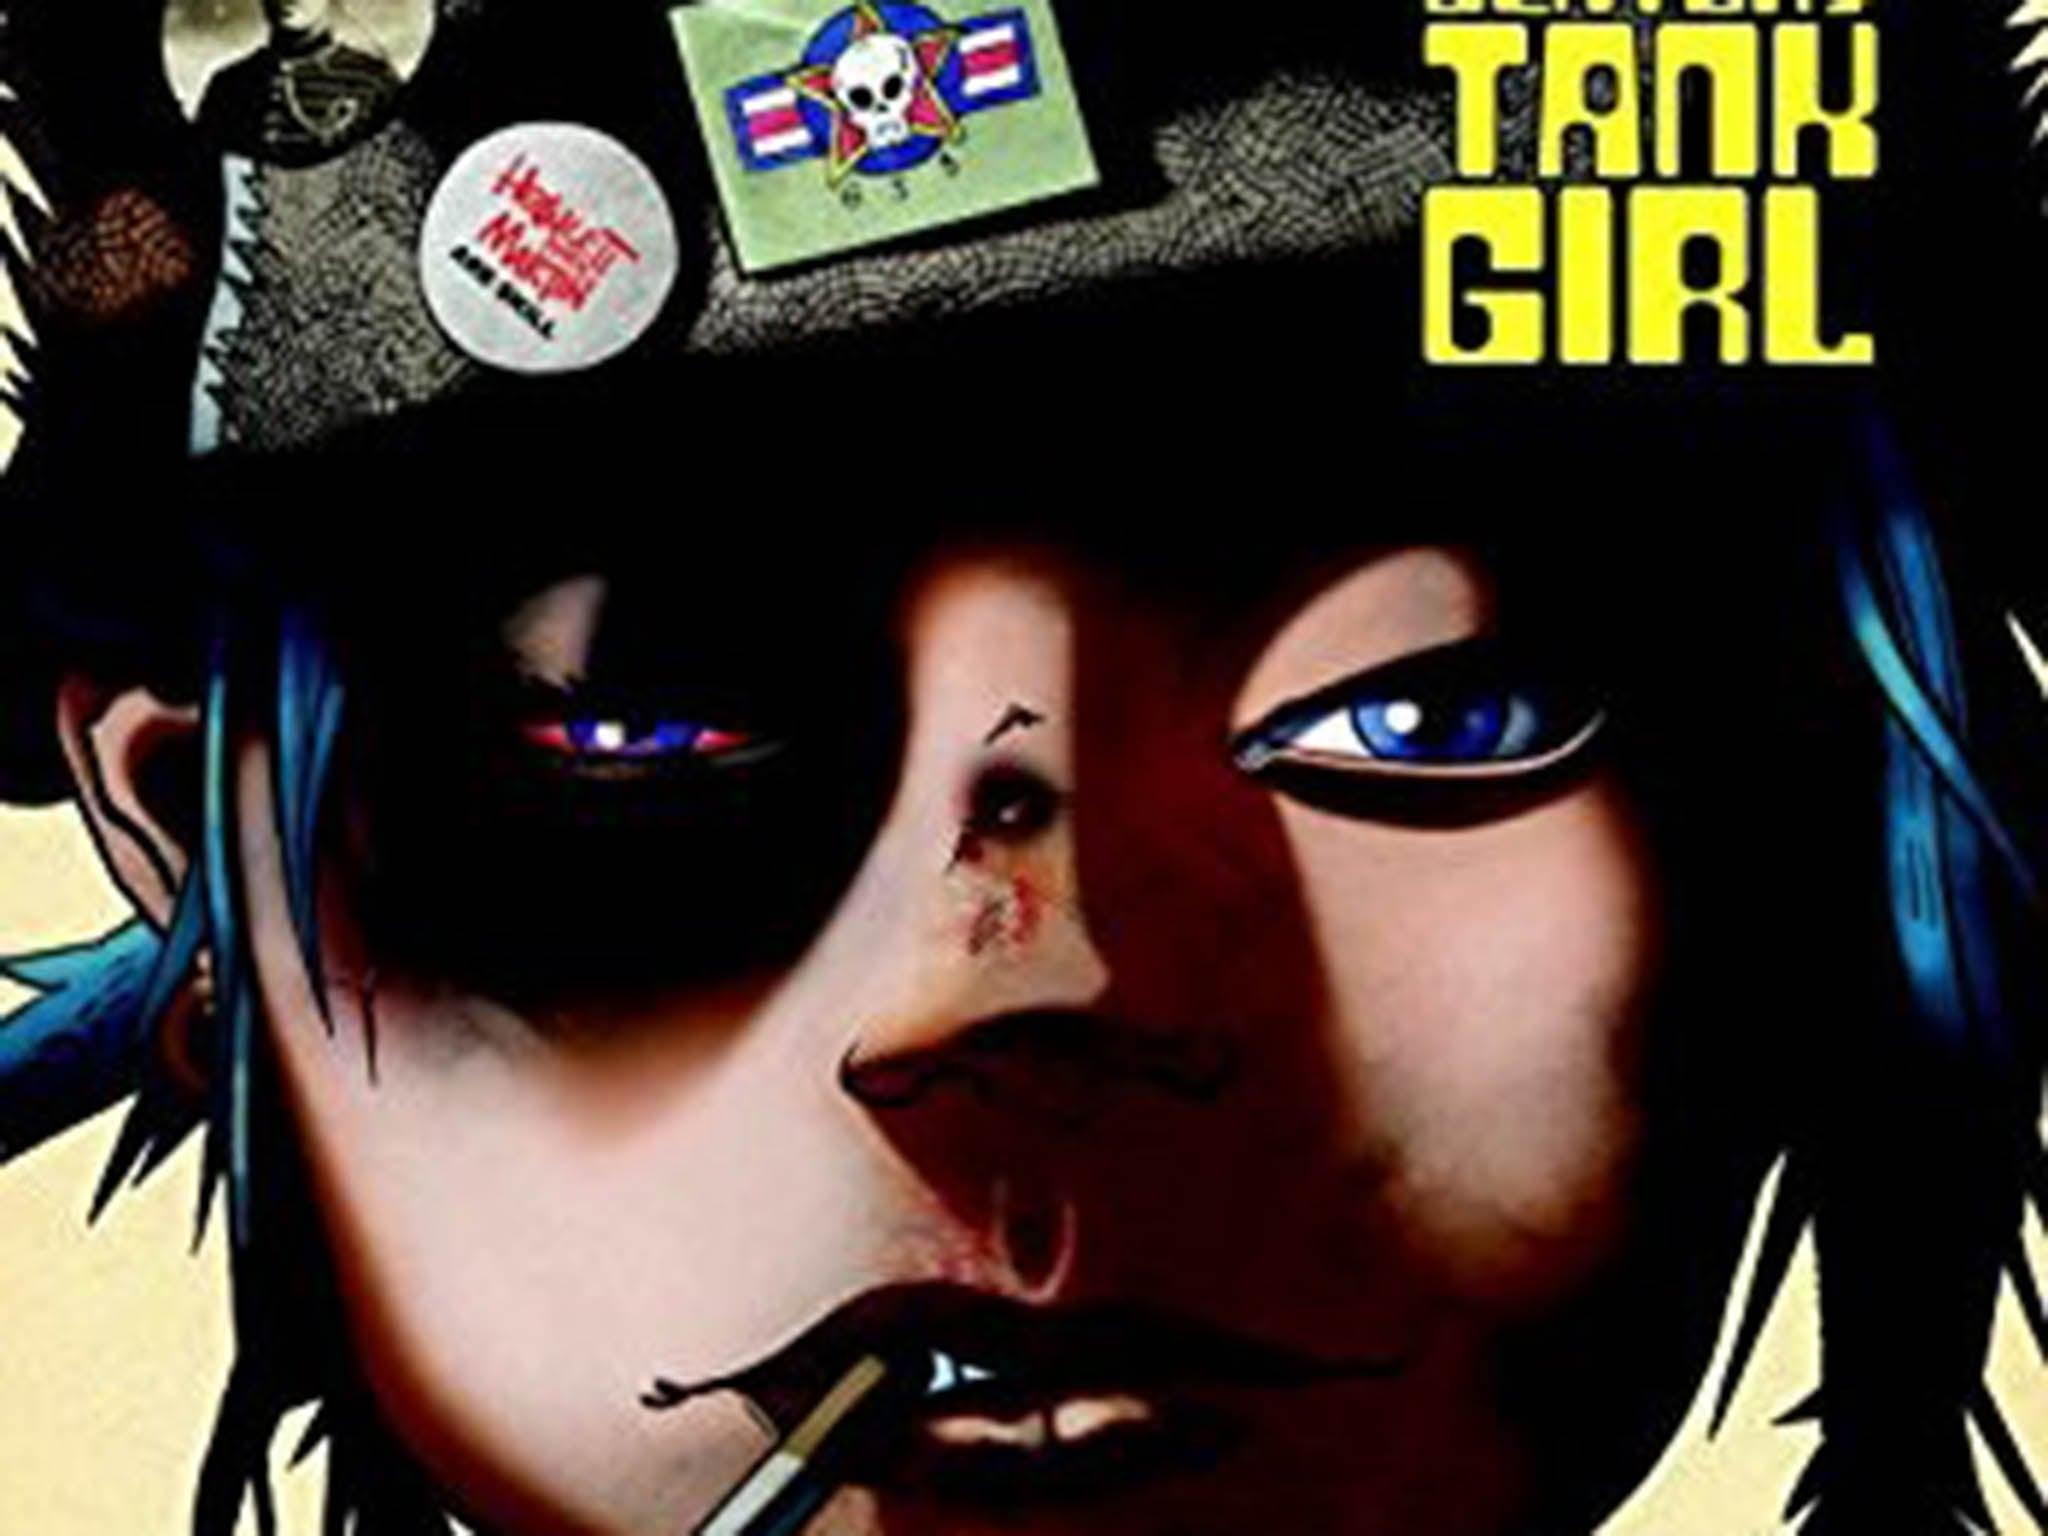 Alan Martin Jamie Hewlett And Others 21st Century Tank Girl